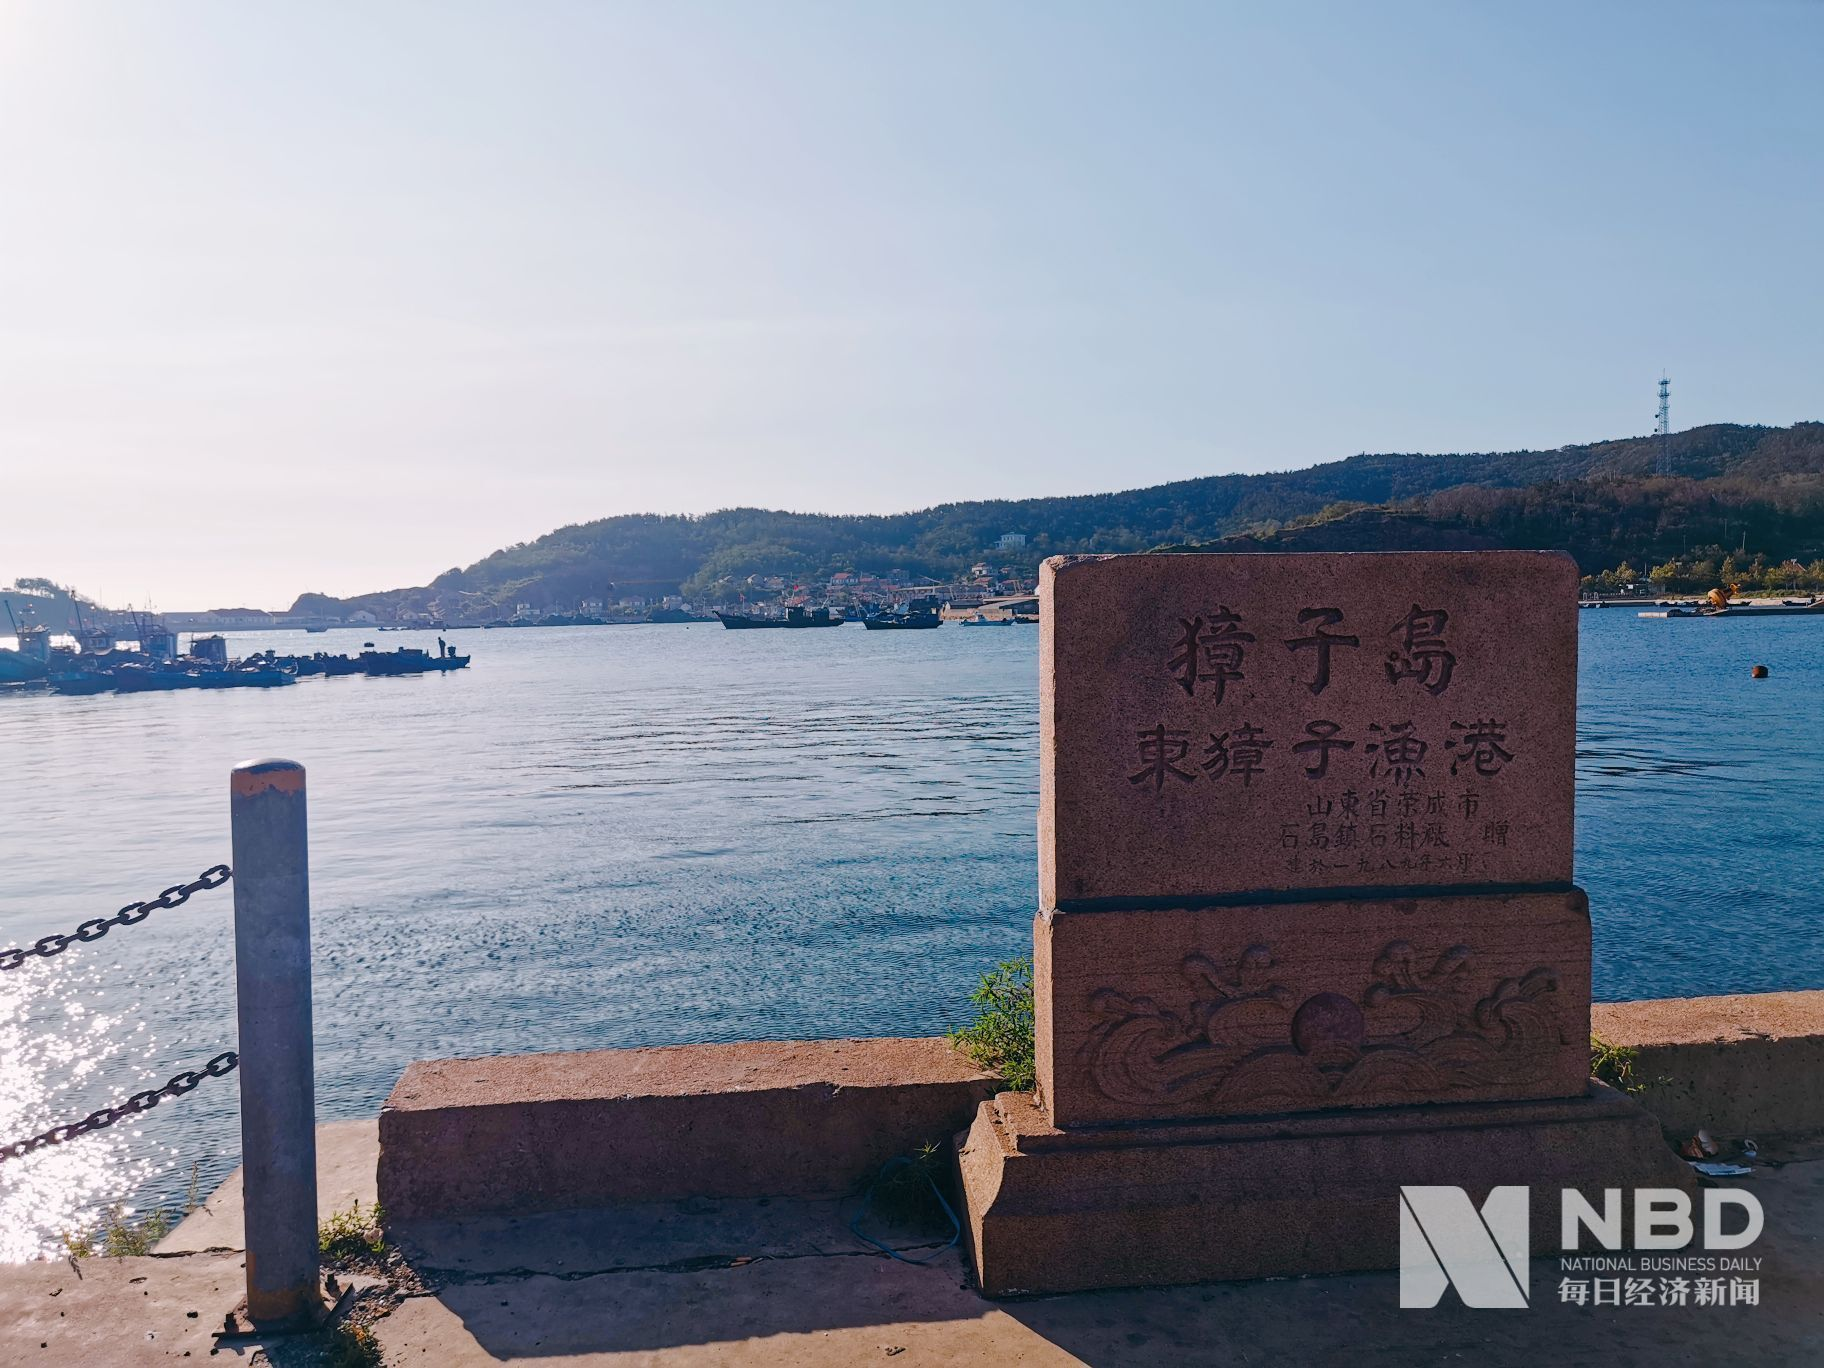 獐子岛东獐子渔港 图片来源:每经记者 李诗琪 摄